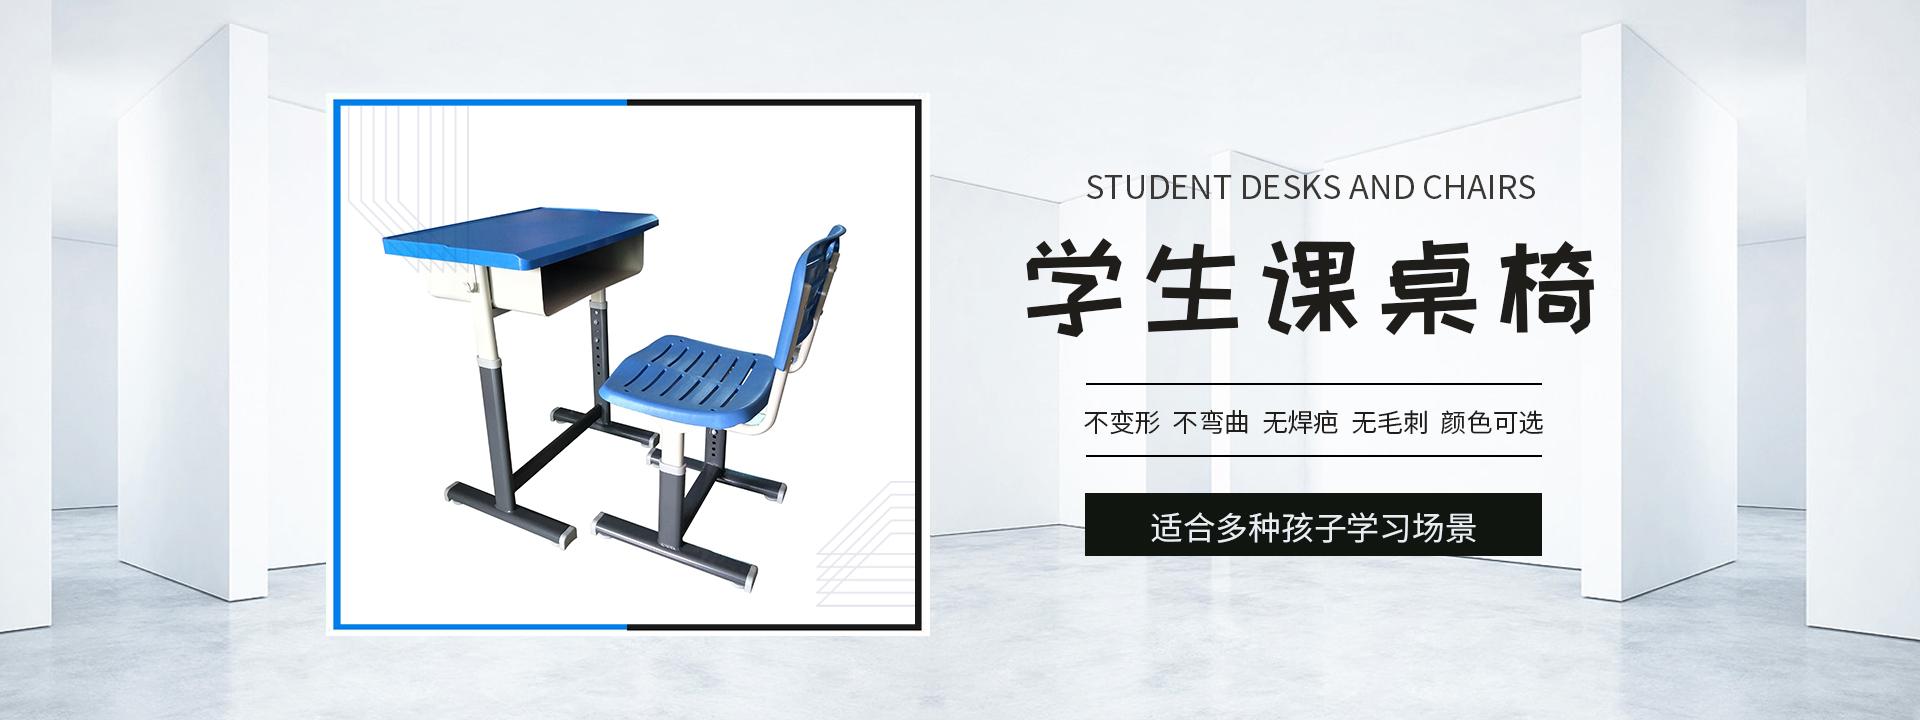 学校课桌椅,升降课桌椅